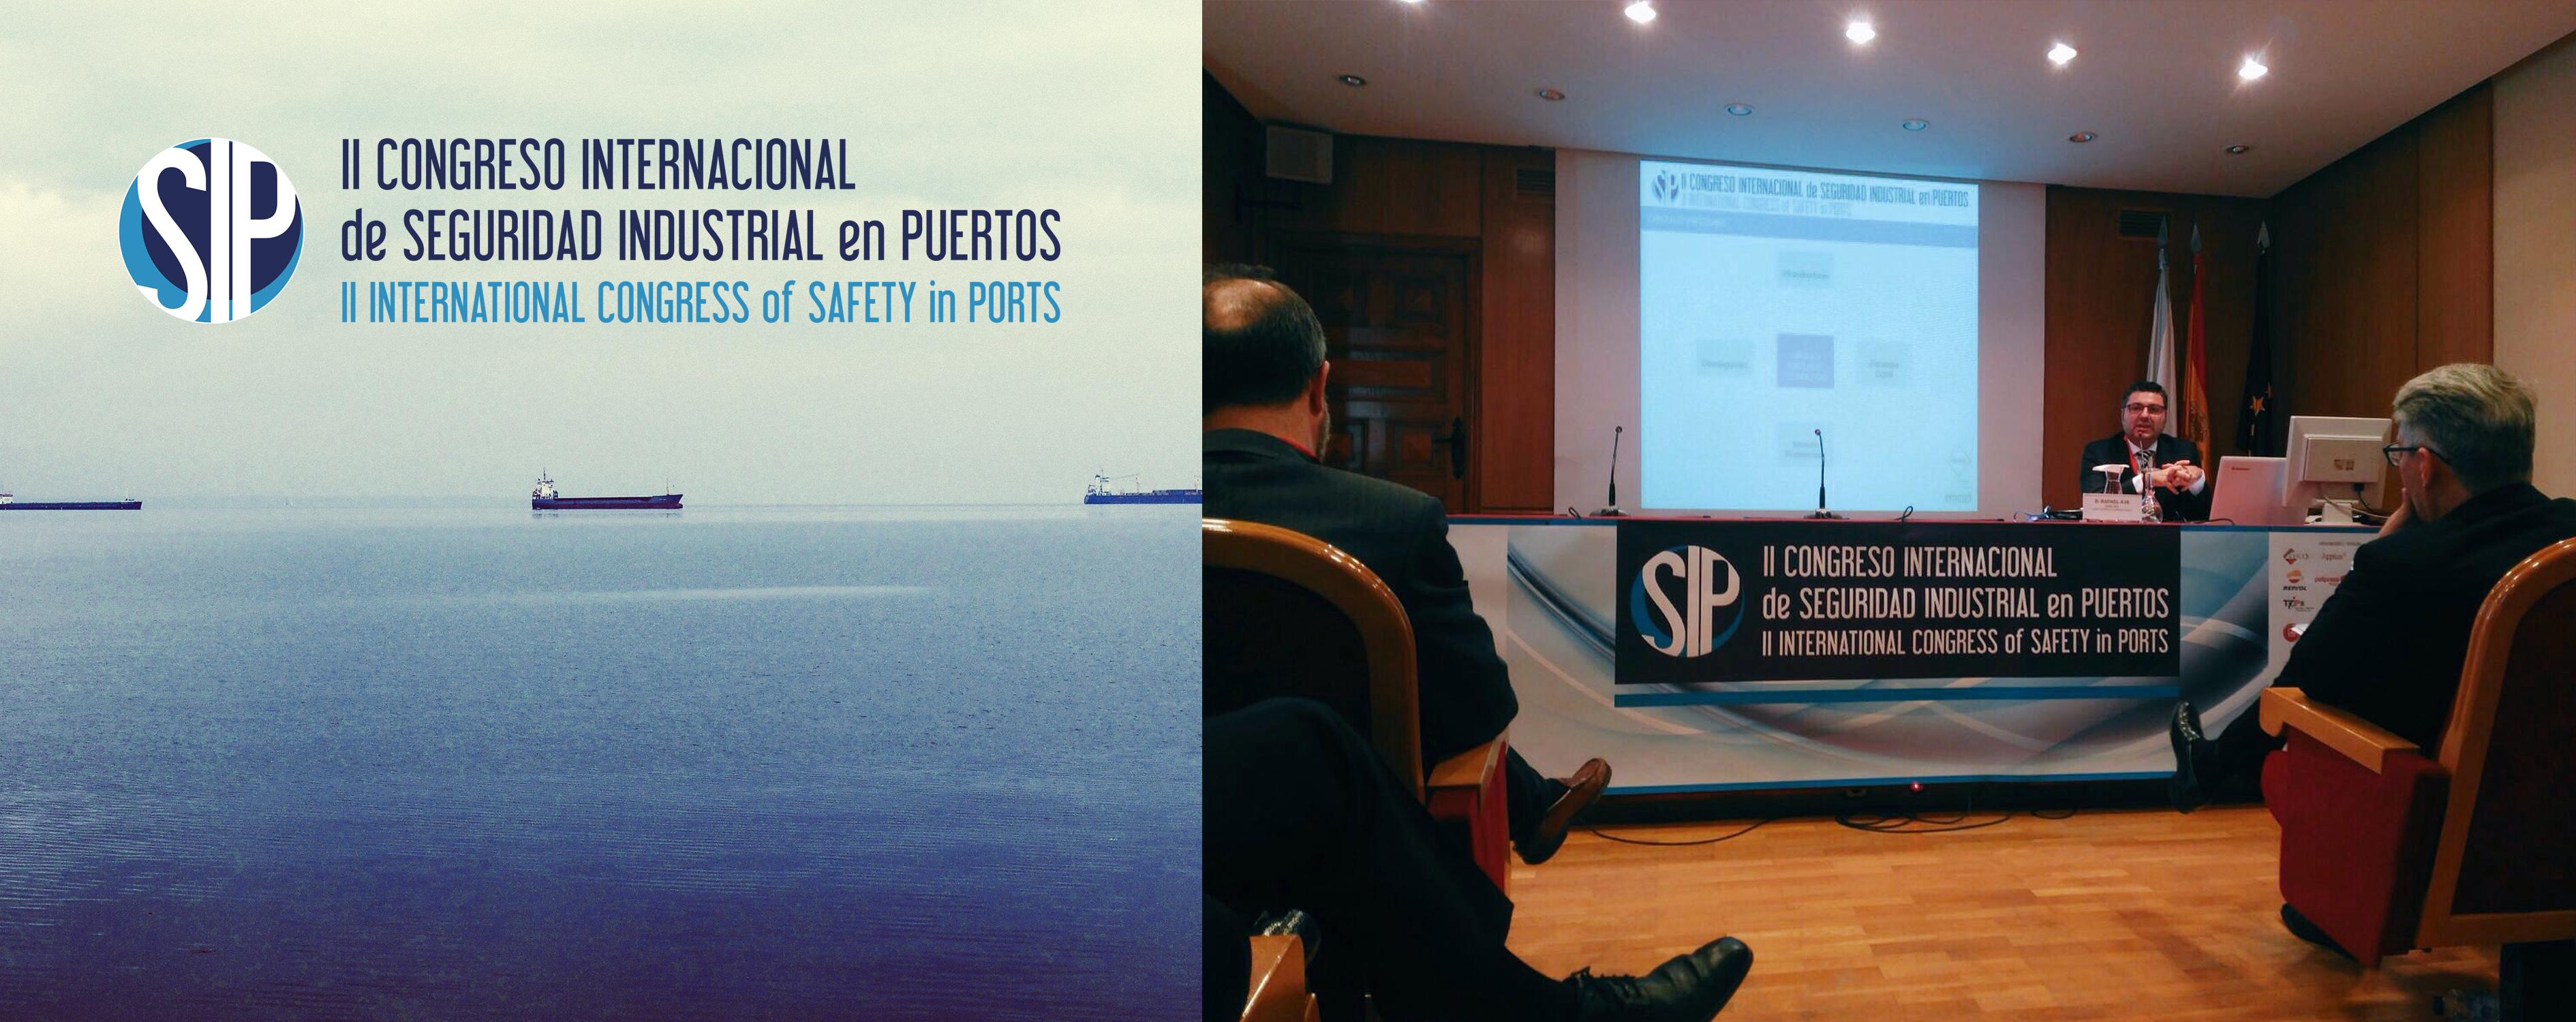 Participamos en el Congreso Internacional de Seguridad Industrial en Puertos